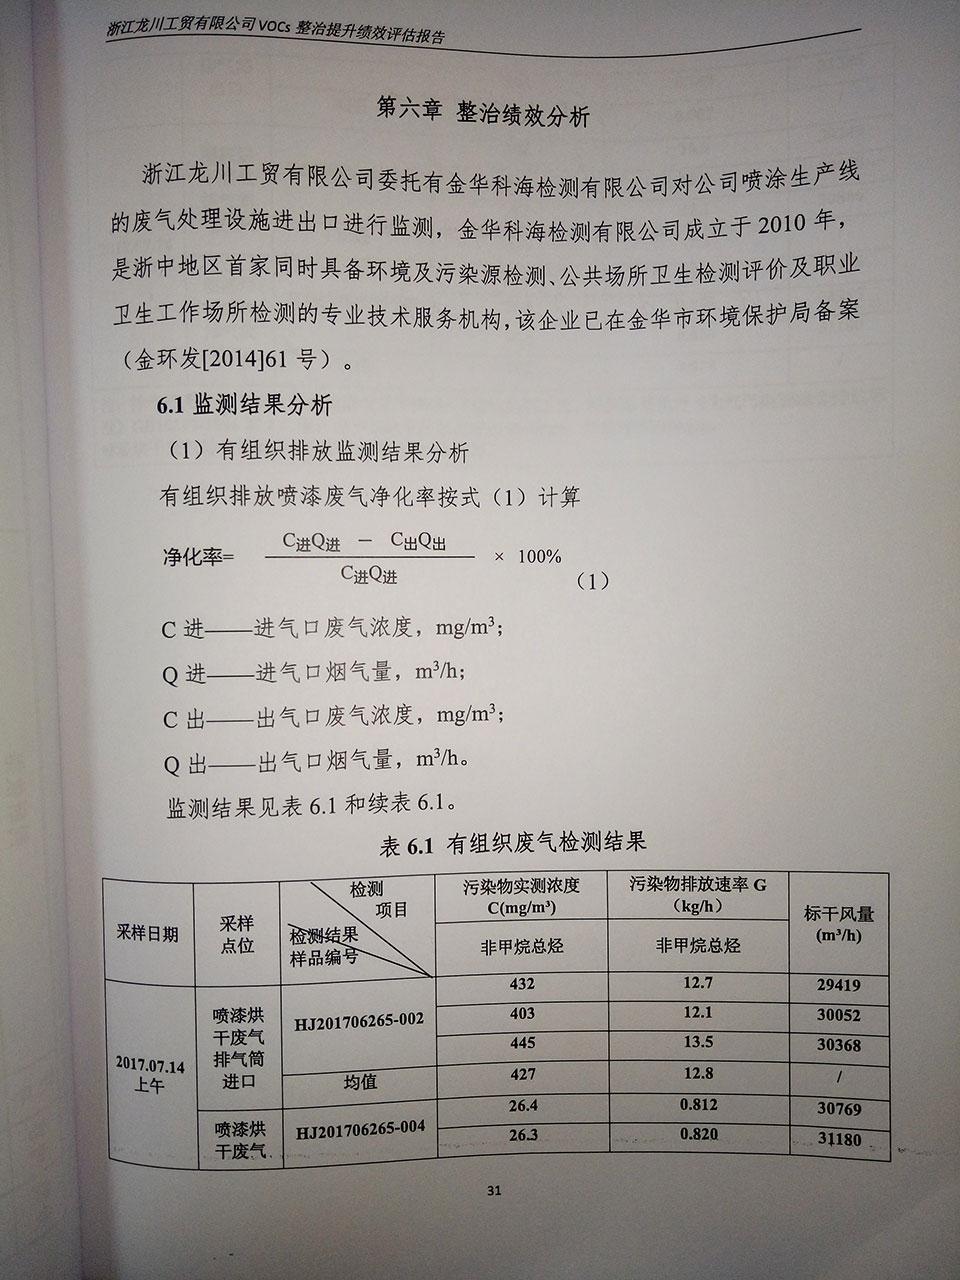 整治绩效评估-1